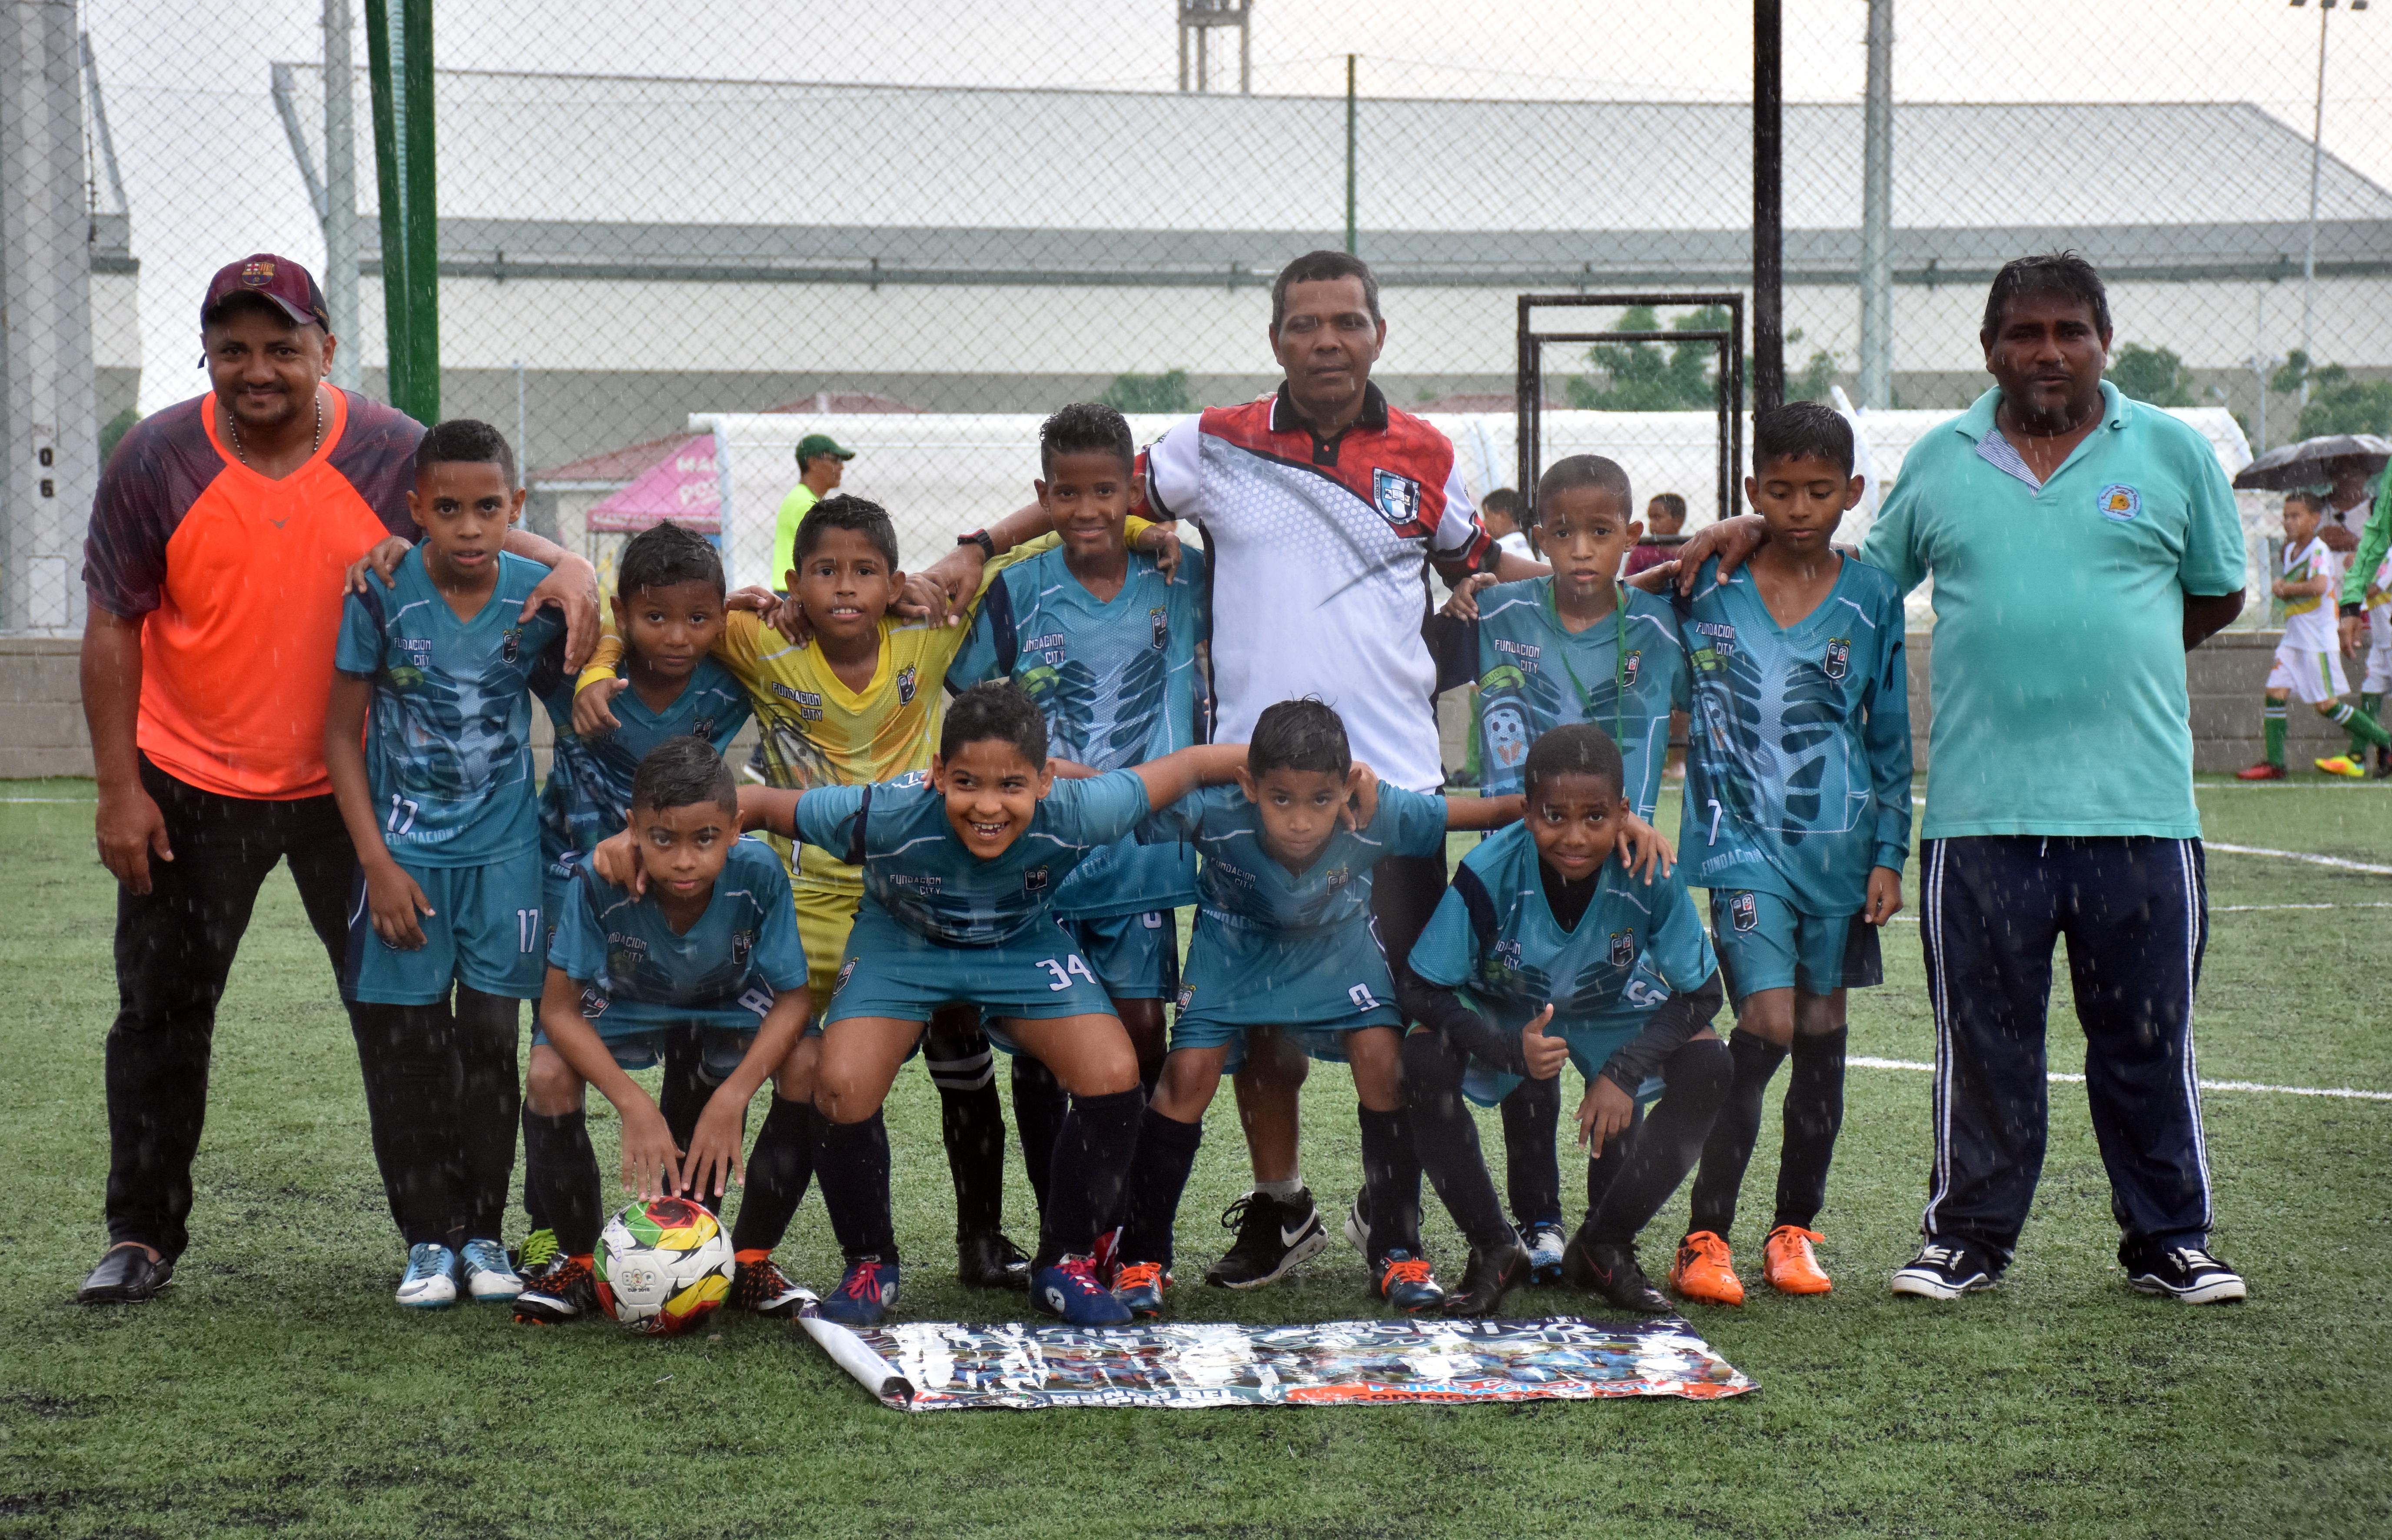 El equipo Fundación City previo al duelo de ayer por los cuartos de la Baq Cup 2018.